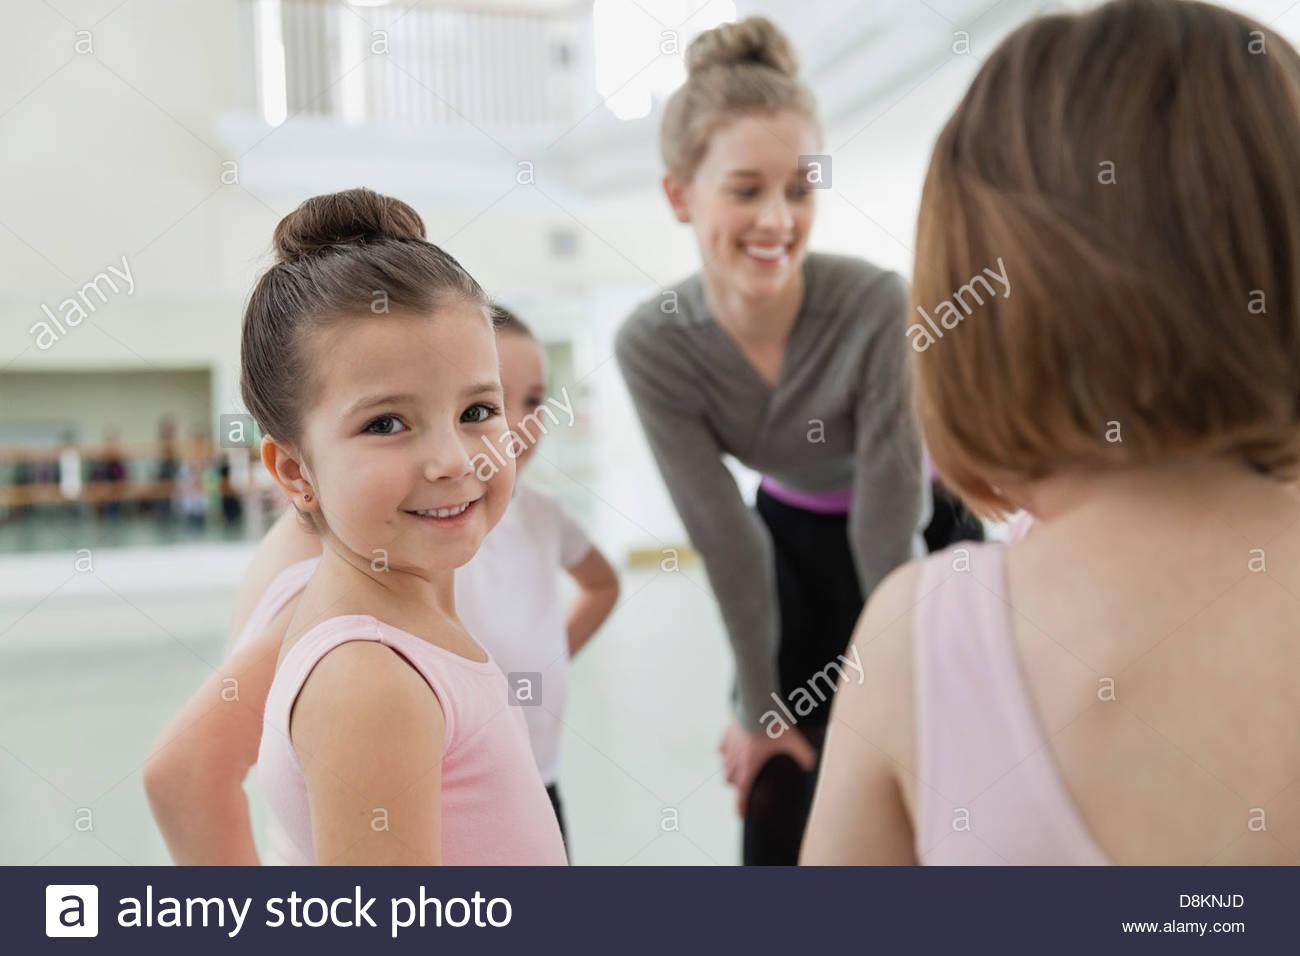 Retrato de chica con amigos e instructor de ballet studio Imagen De Stock